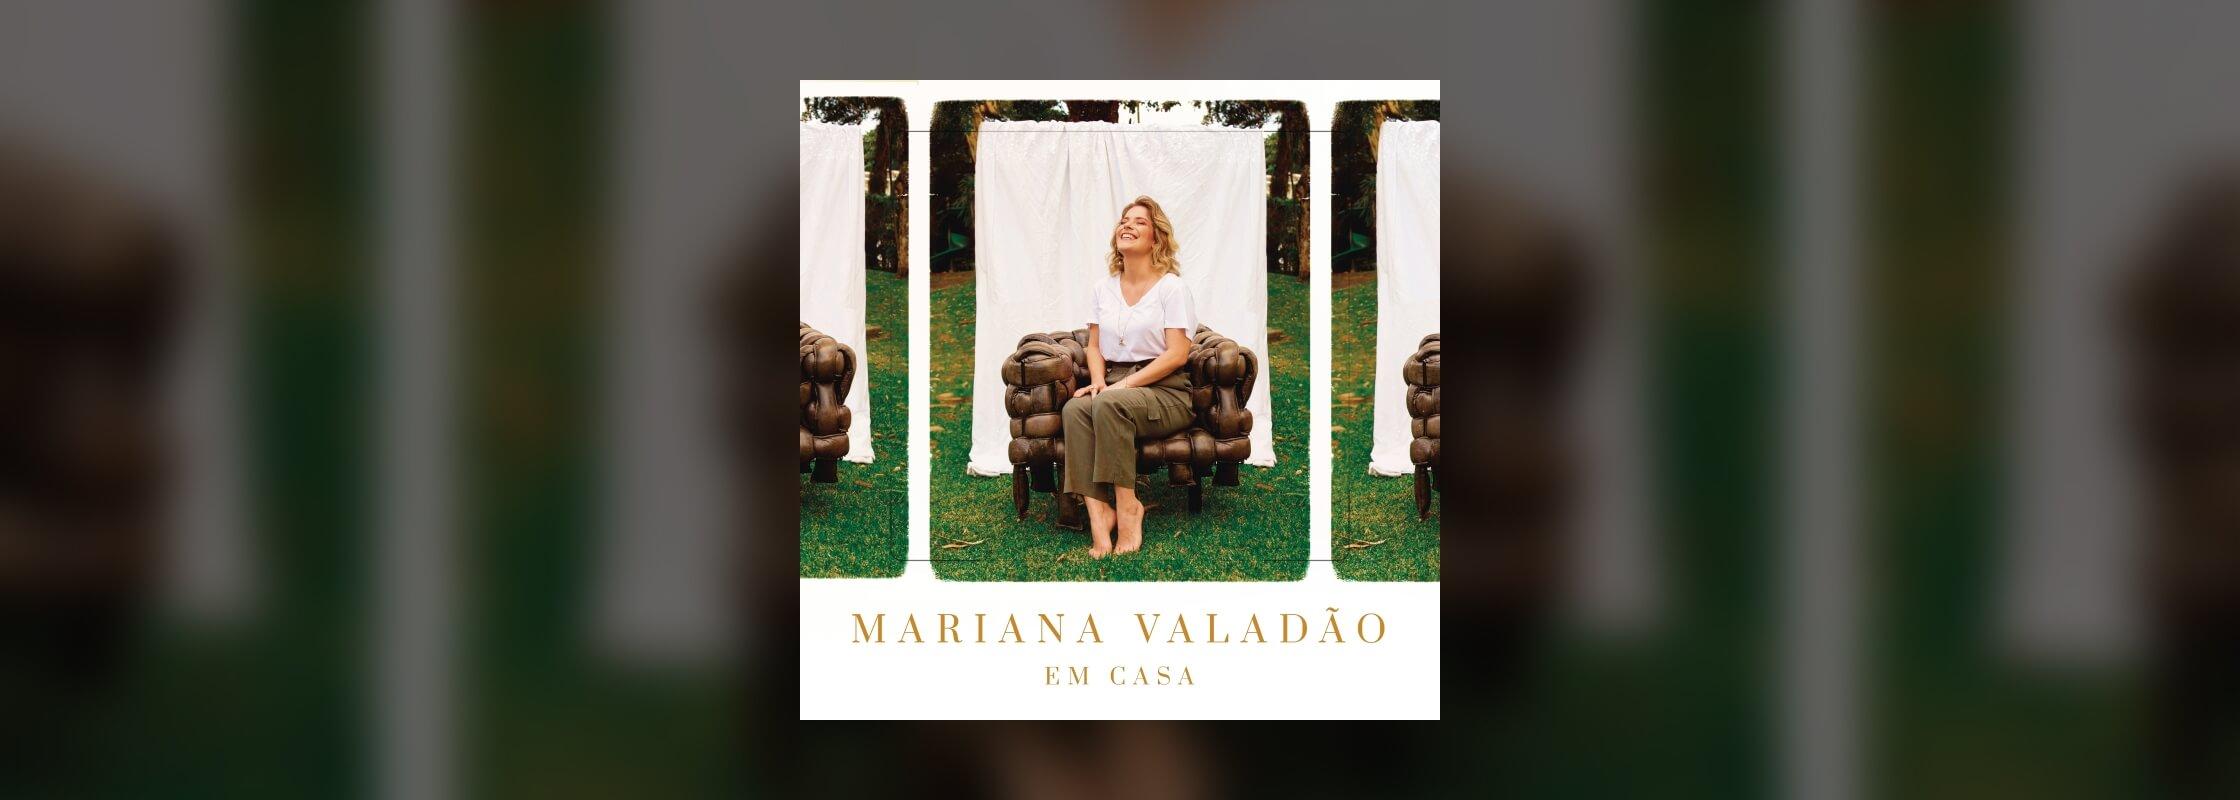 Anunciando Mariana Valadao